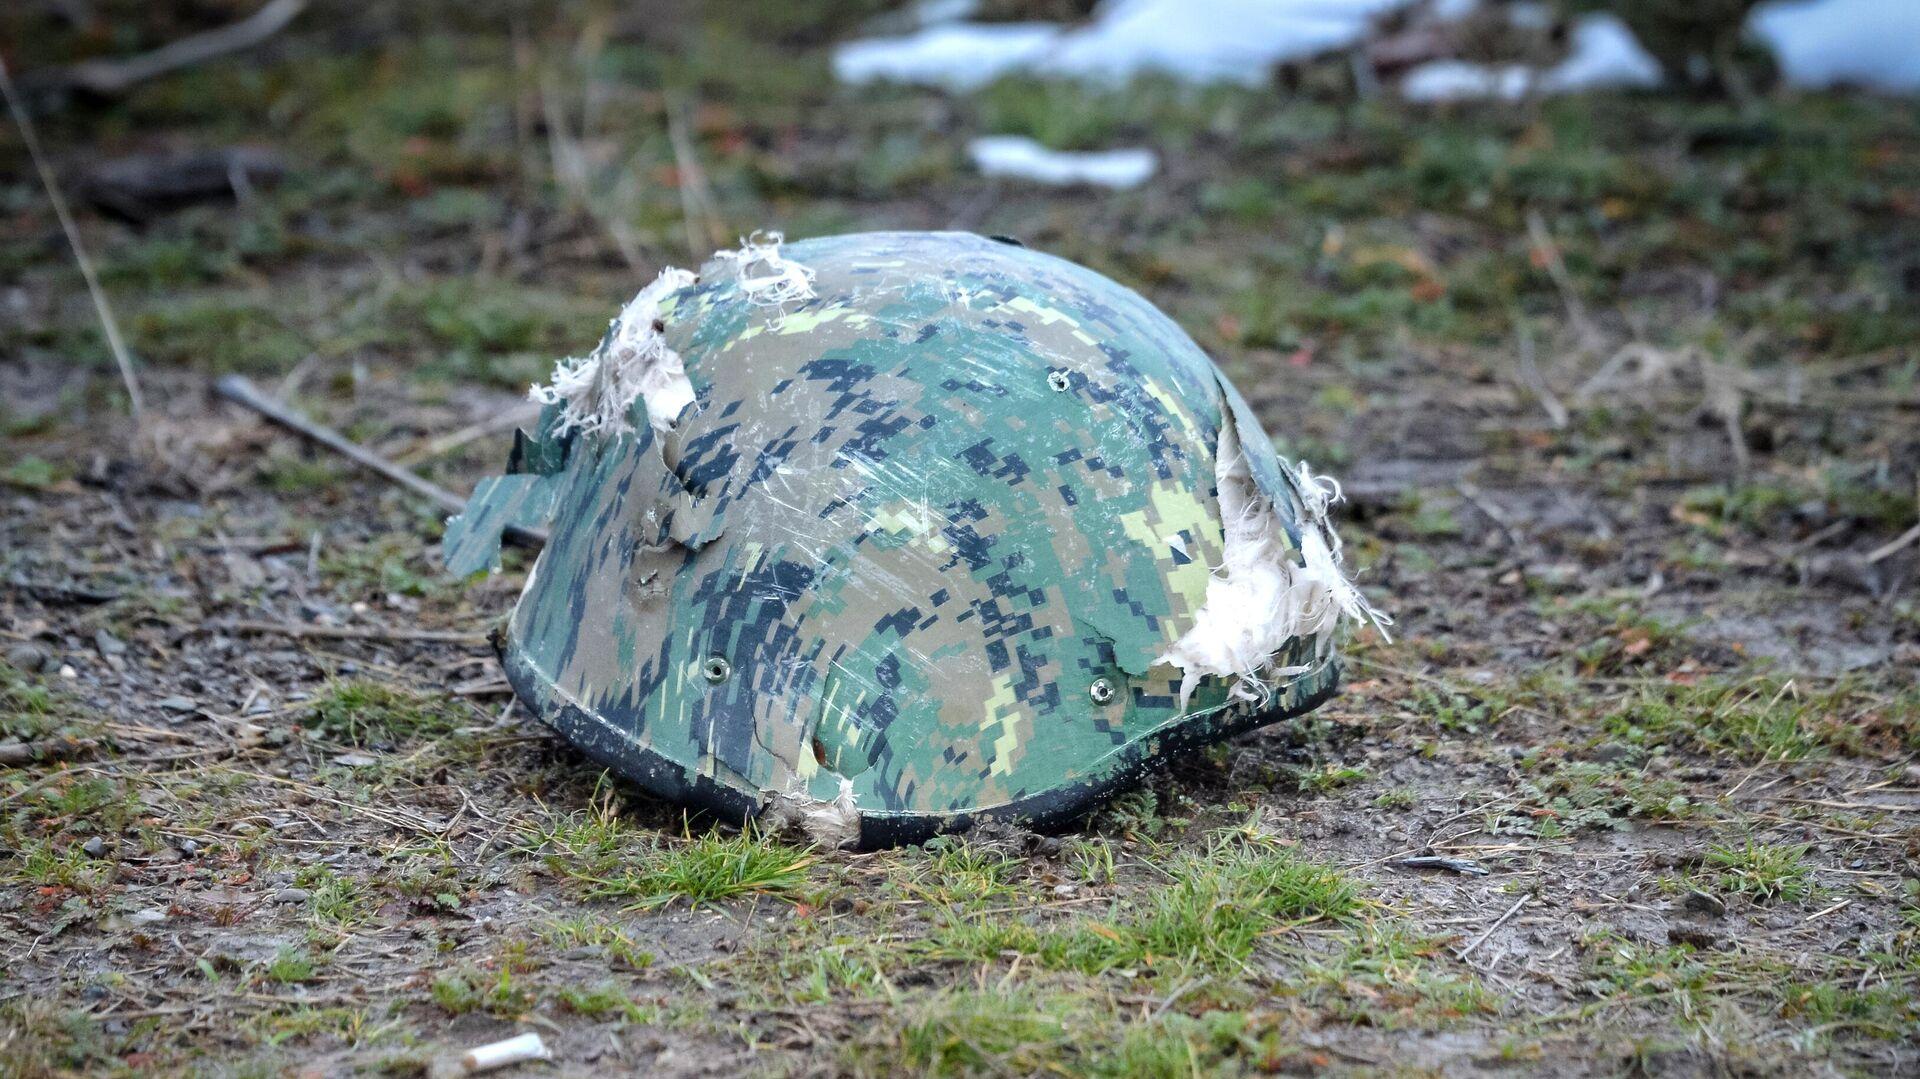 Защитный шлем военнослужащего - РИА Новости, 1920, 24.07.2021